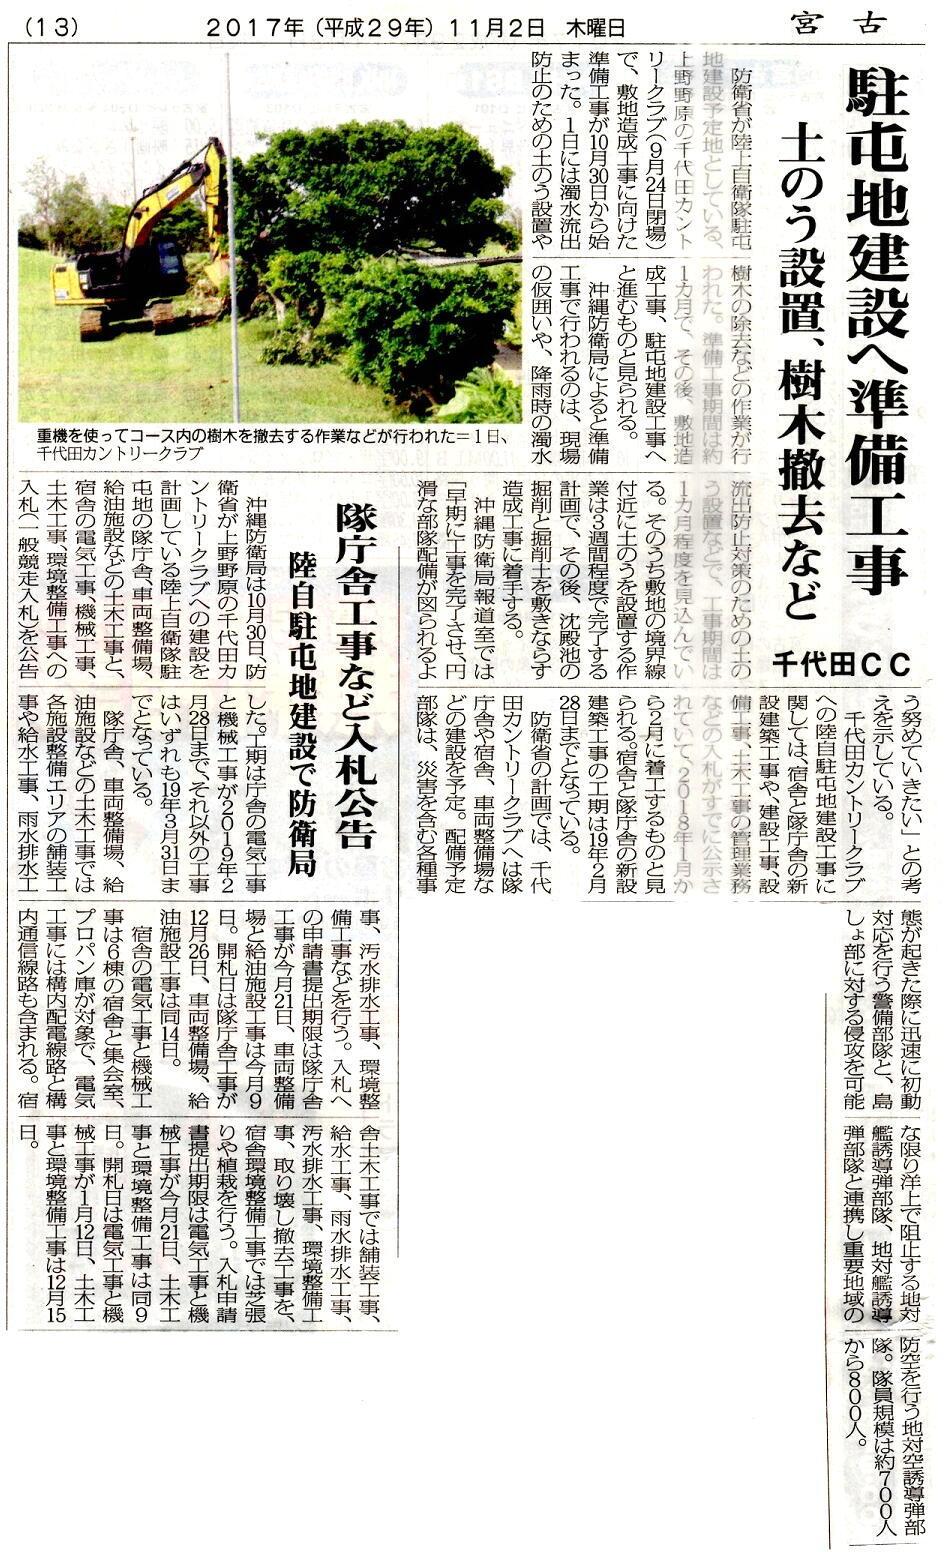 miyakomainichi2017 11025